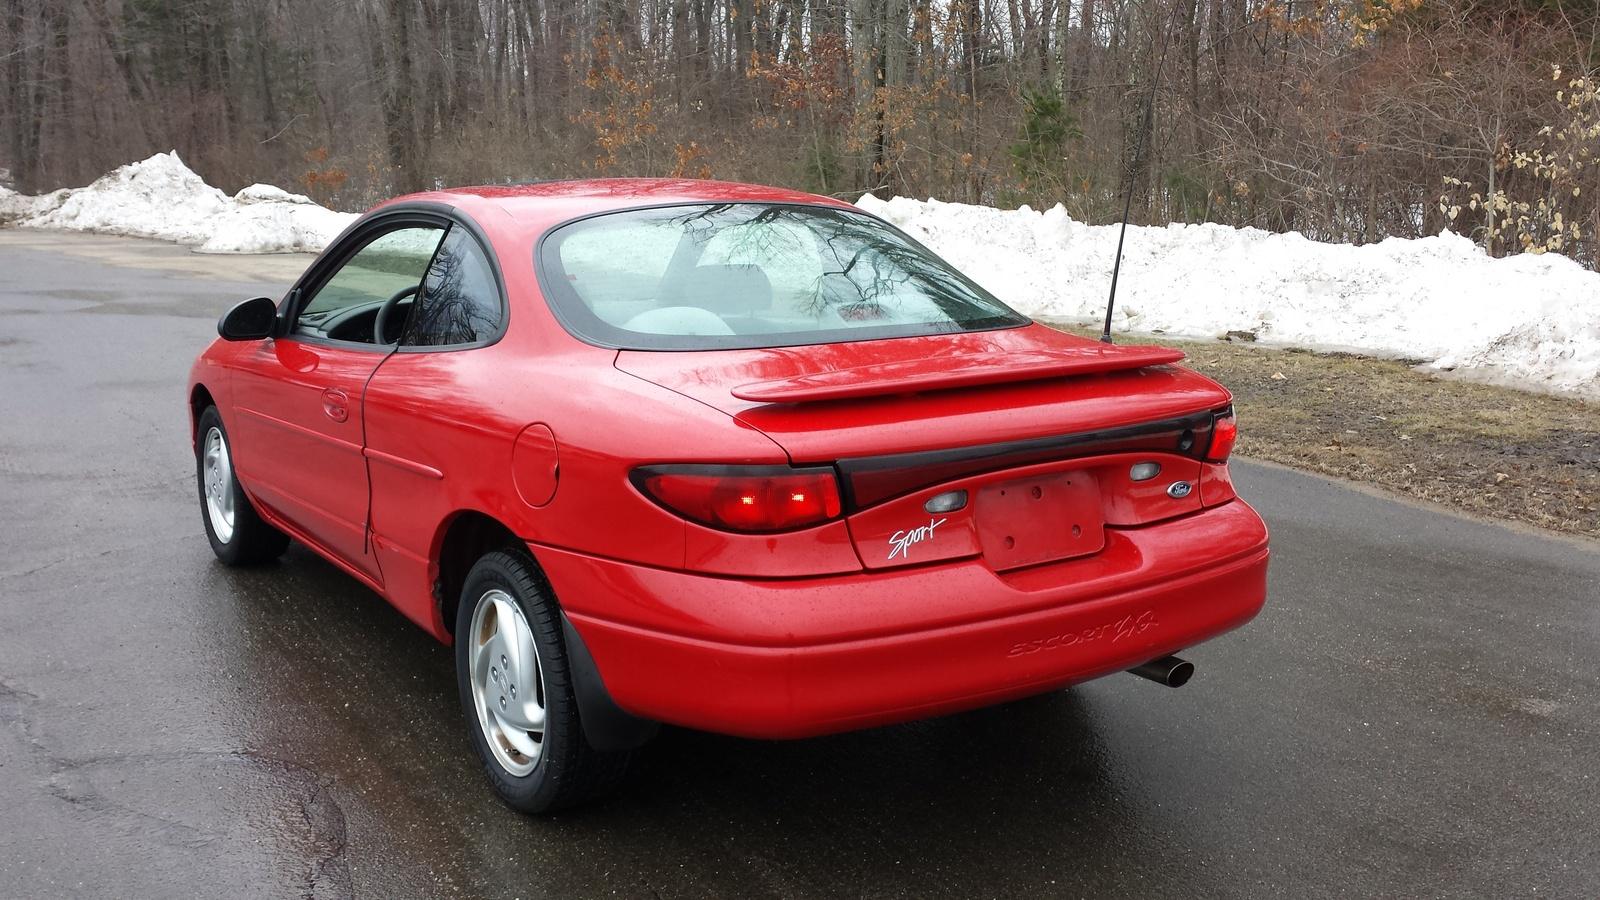 1998 Ford Escort Consumer Reviews -